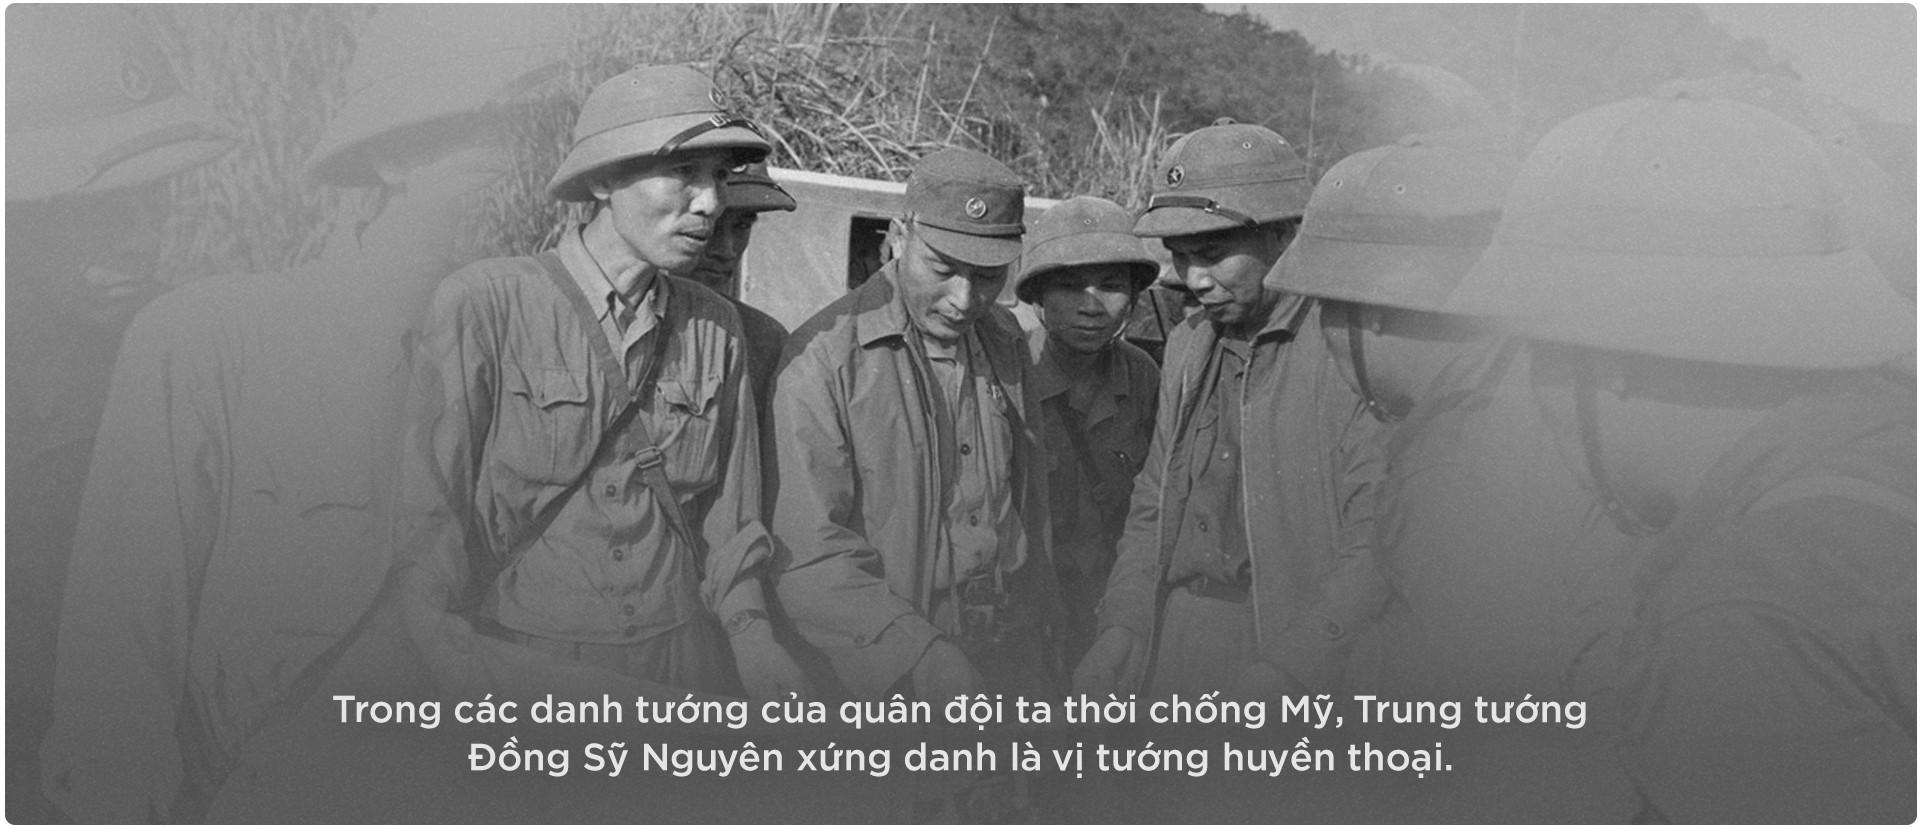 Vĩnh biệt vị tướng già huyền thoại - Đồng Sỹ Nguyên - Ảnh 1.